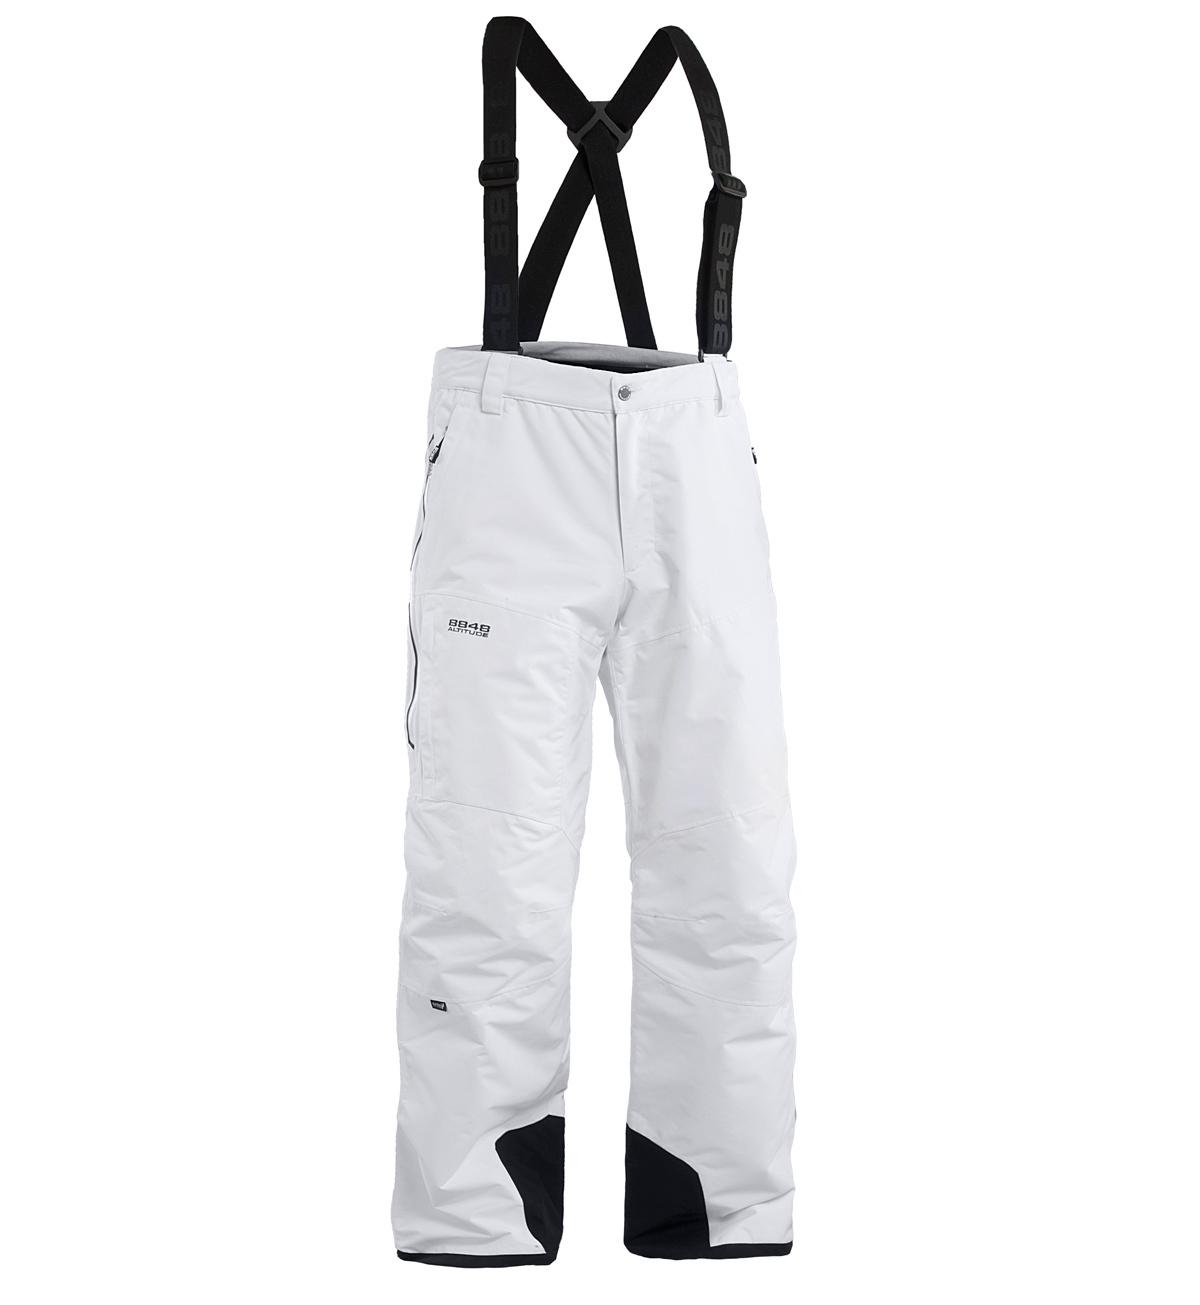 Мужские горнолыжные брюки 8848 Altitude ZIG White (773552)